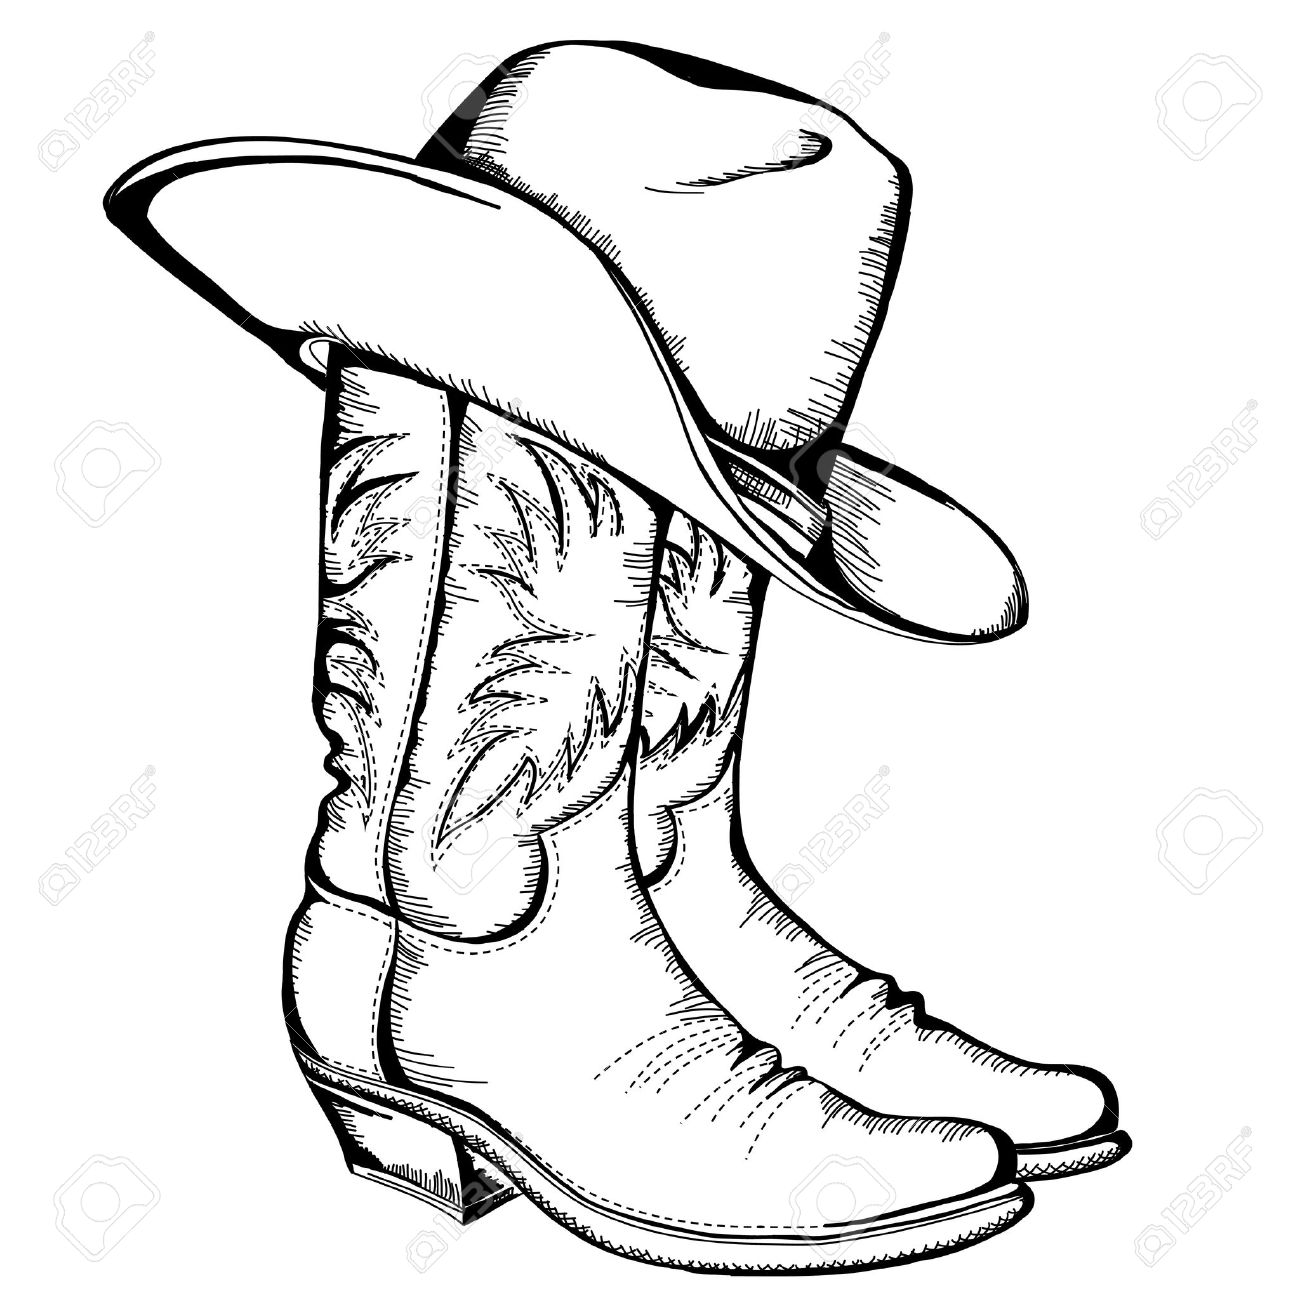 Botas de vaquero y sombrero ilustración gráfica Foto de archivo - 17229564 7c1da67f333